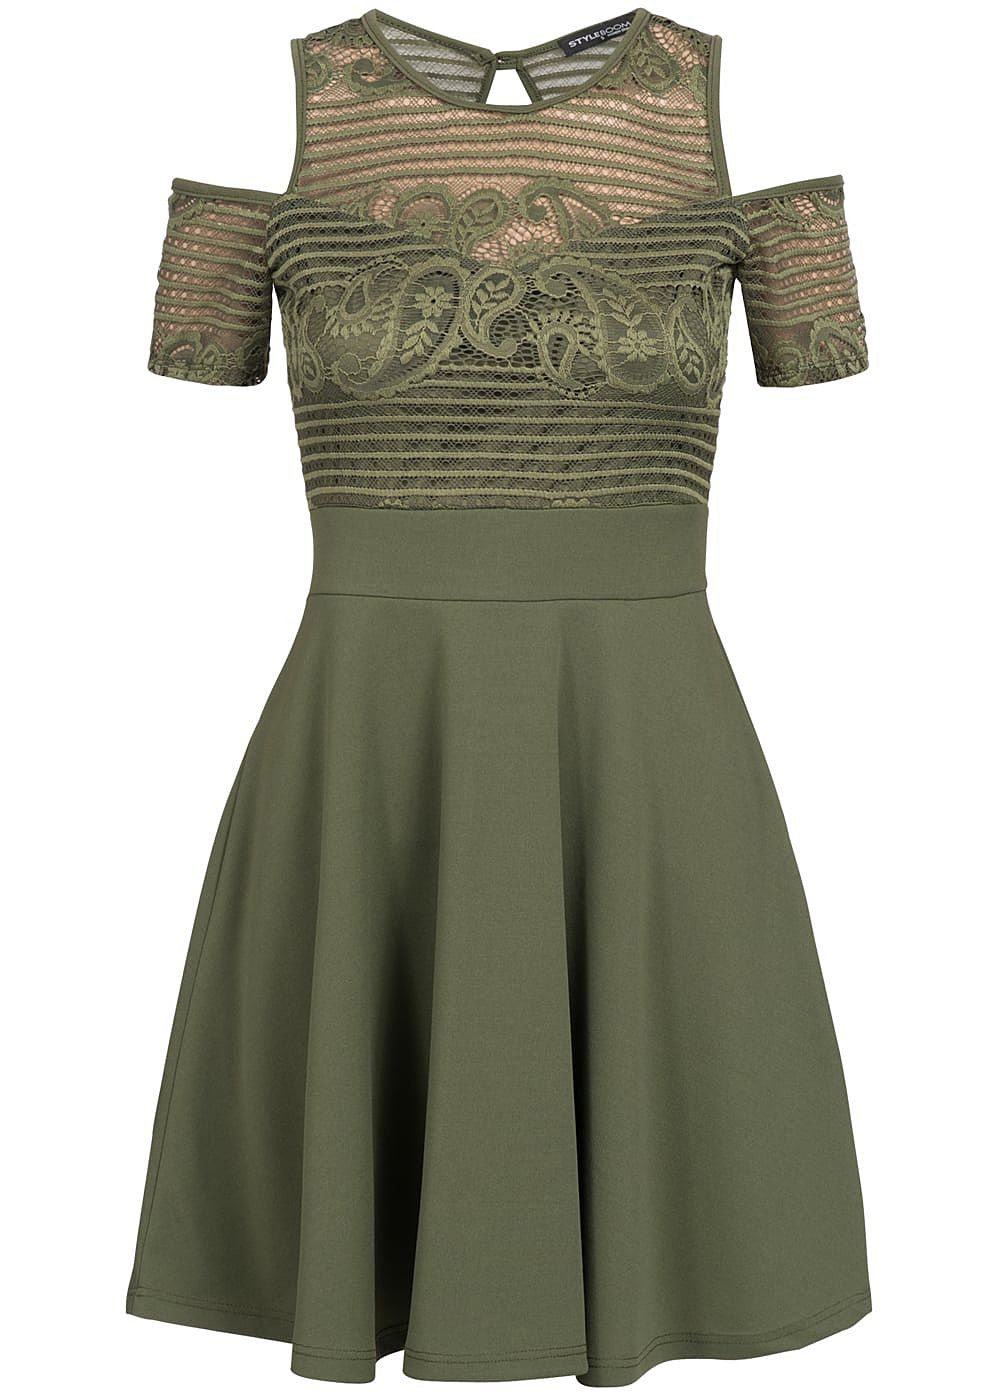 Abend Erstaunlich Abendkleid Off Shoulder Spezialgebiet15 Elegant Abendkleid Off Shoulder Spezialgebiet